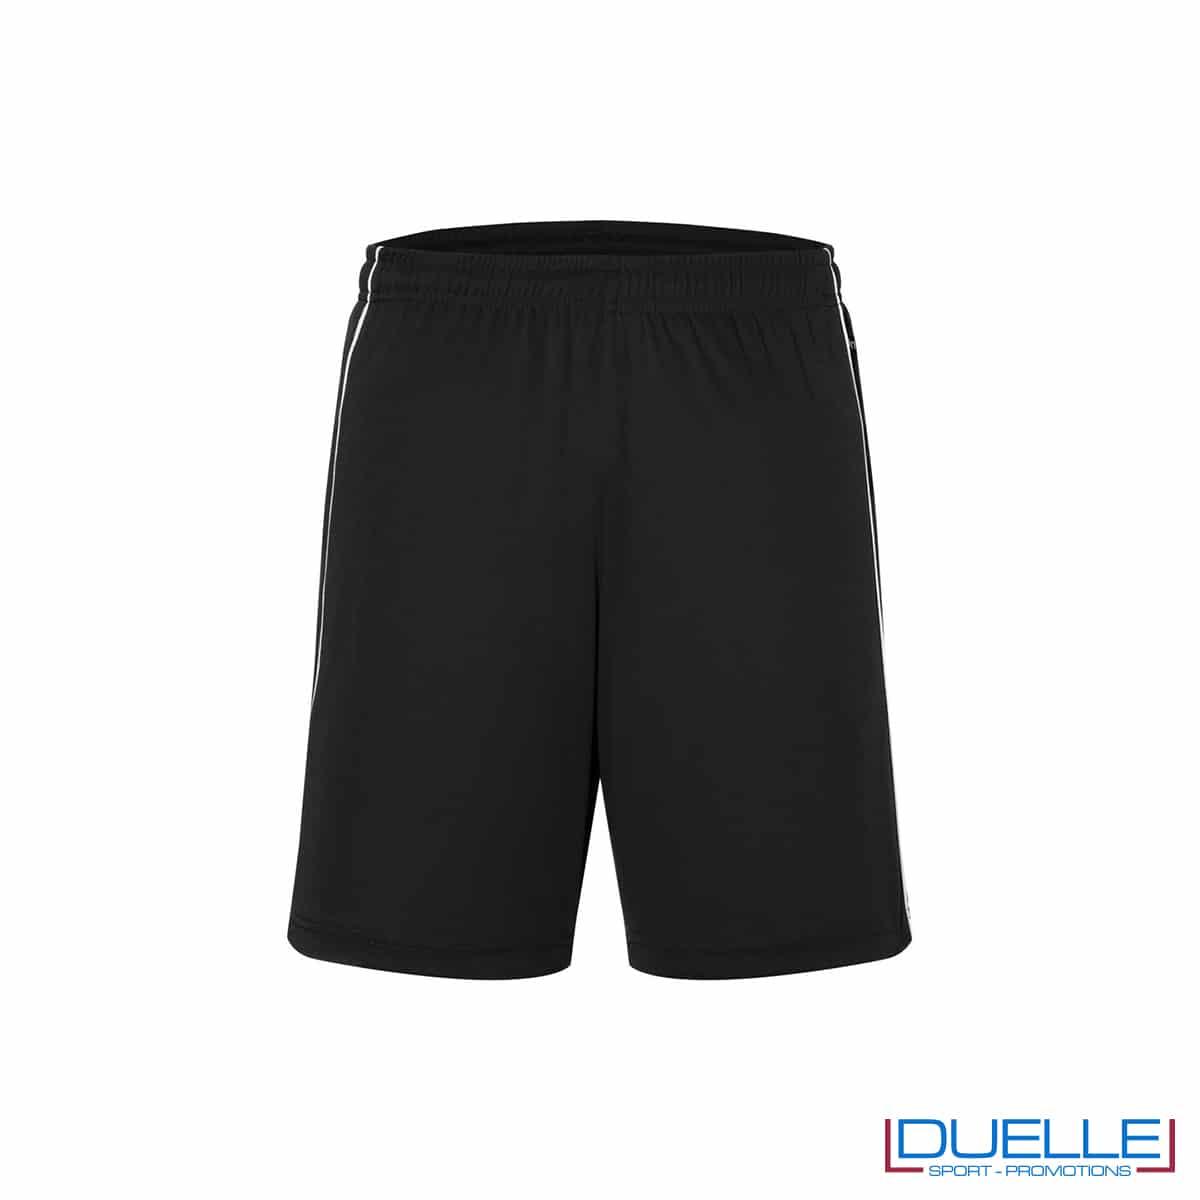 Pantaloncino calcio colore nero promozionale